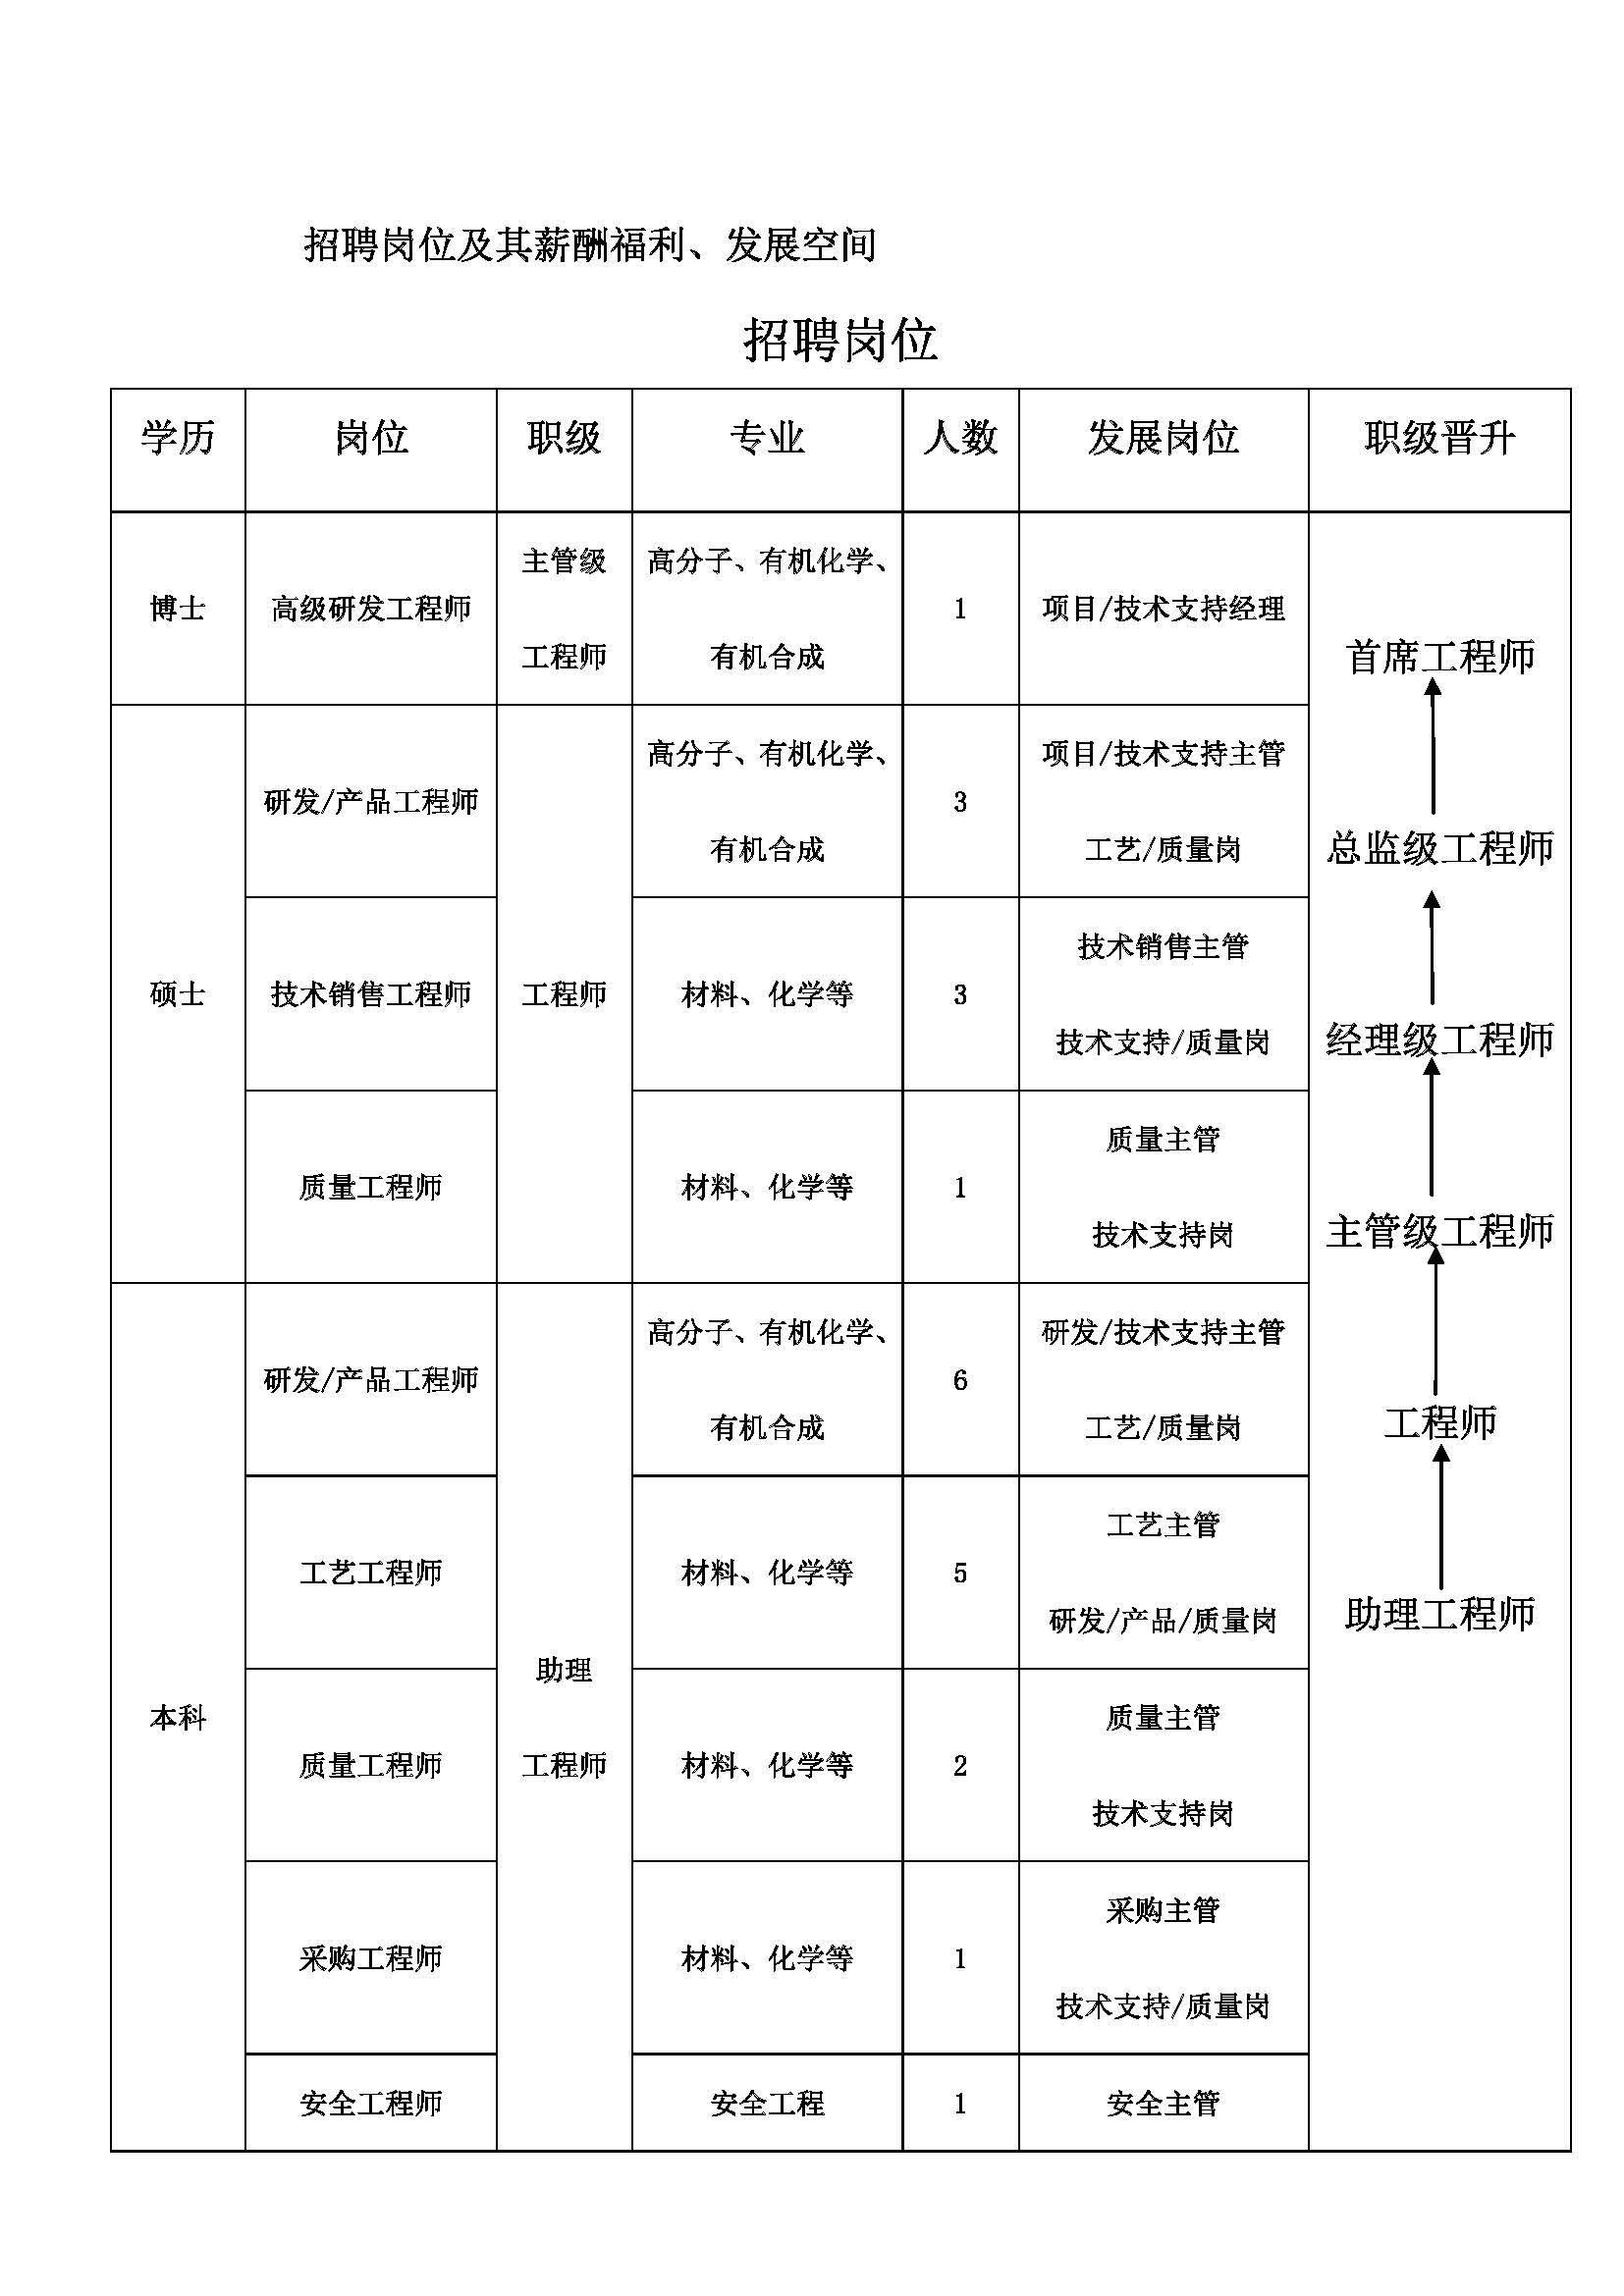 2021年寧波惠之星新材料科技有限公司校園招聘_頁面_2.jpg